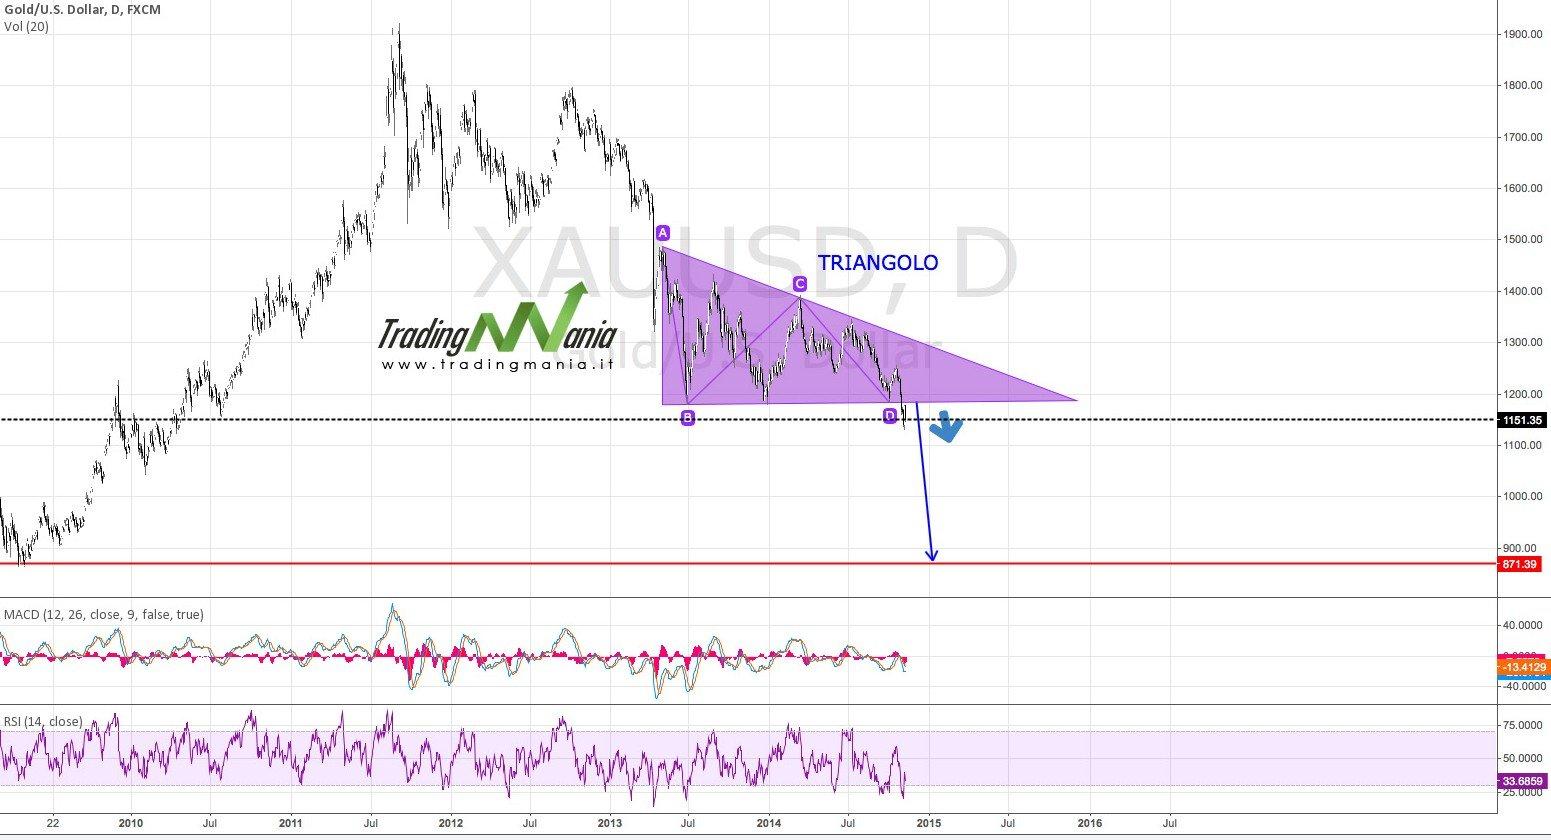 Strategia: uso dei triangoli per il trading online sull'Oro